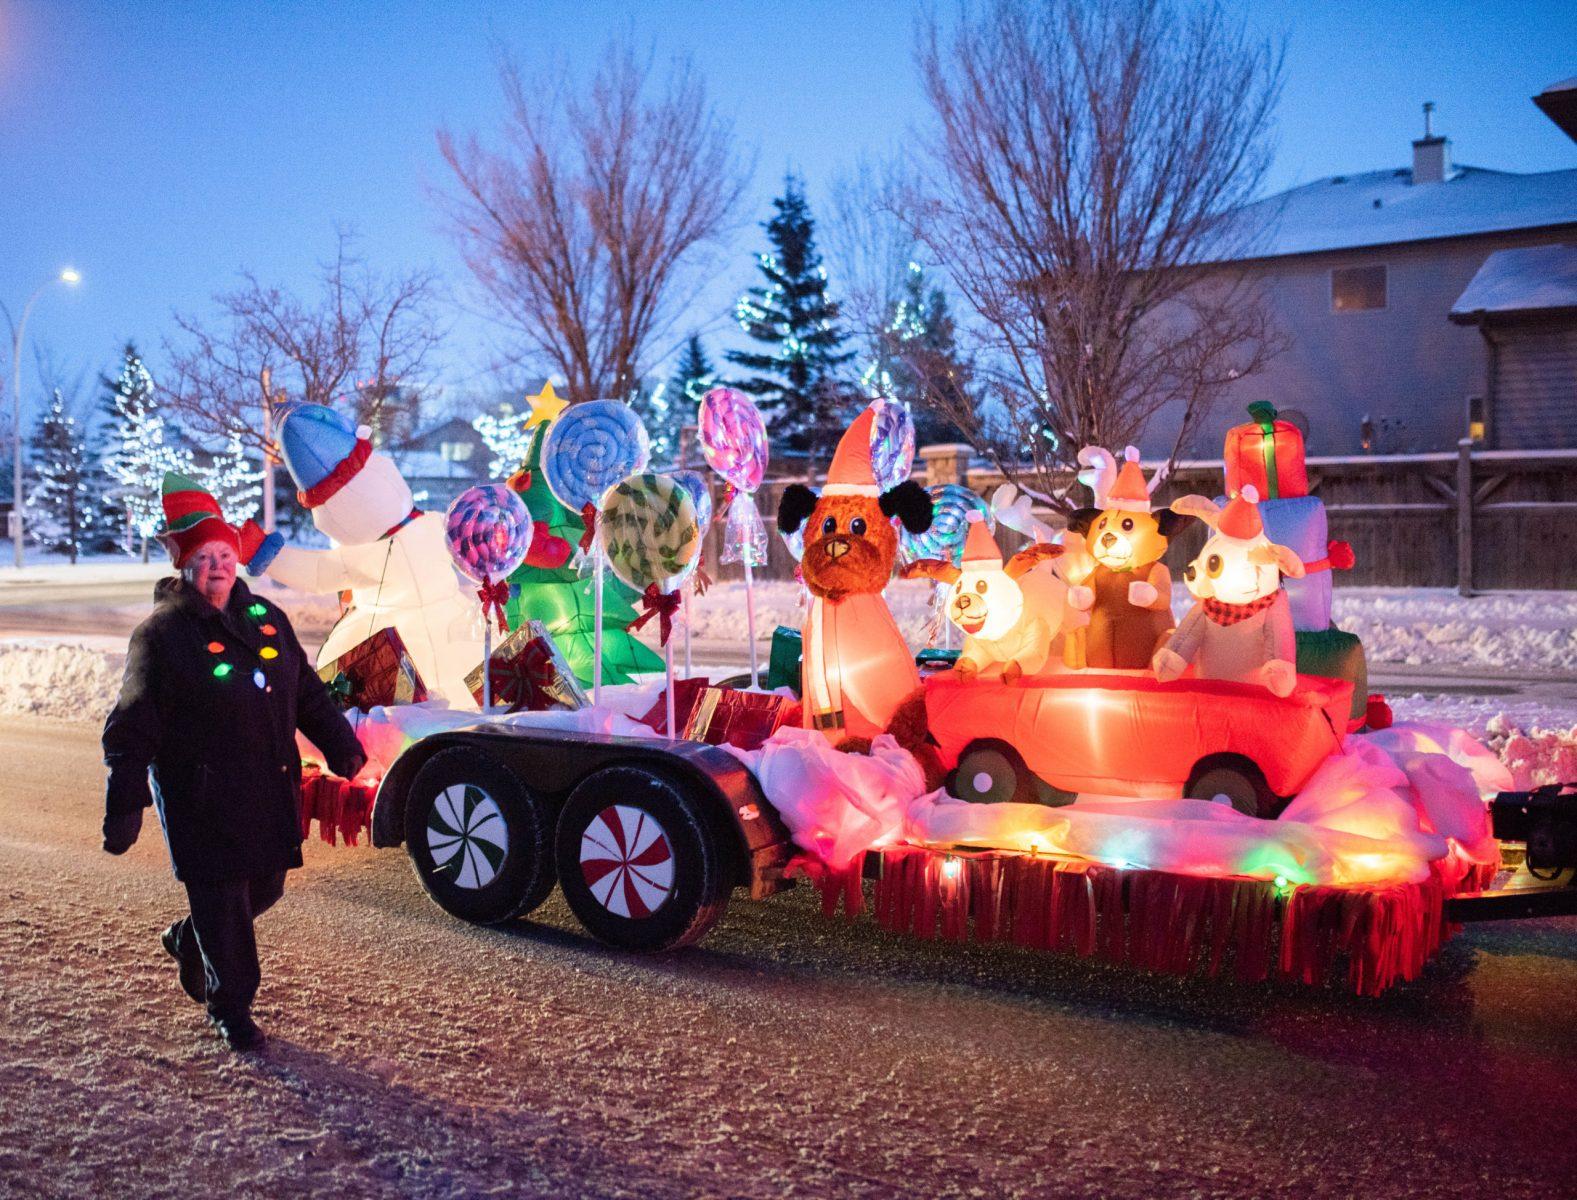 Auburn-Bay-Christmas-Parade-2019-82-scaled